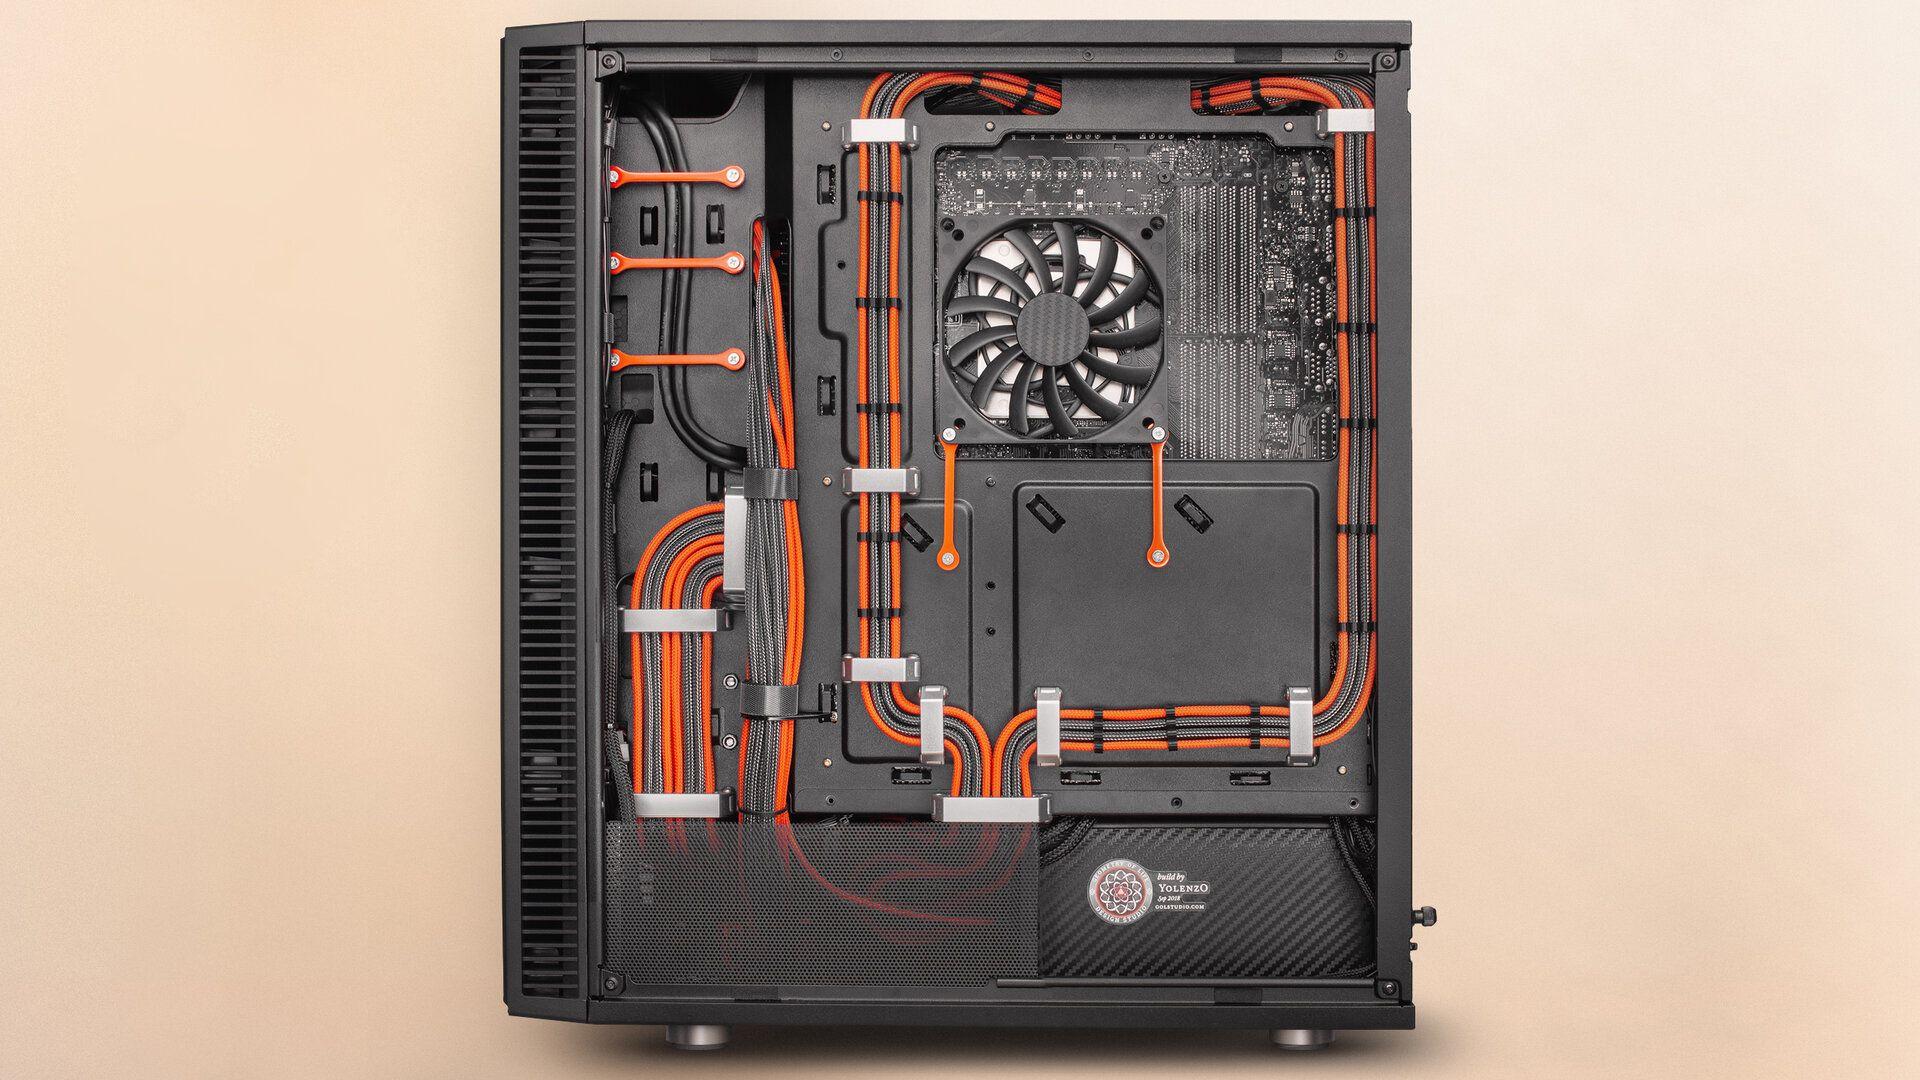 Kompyuternyj Korpus Fractal Design Define C Tg Black 5 Otzyvov O Tovare Na Yandeks Markete Sistemnyj Blok Kompyuter Gadzhety